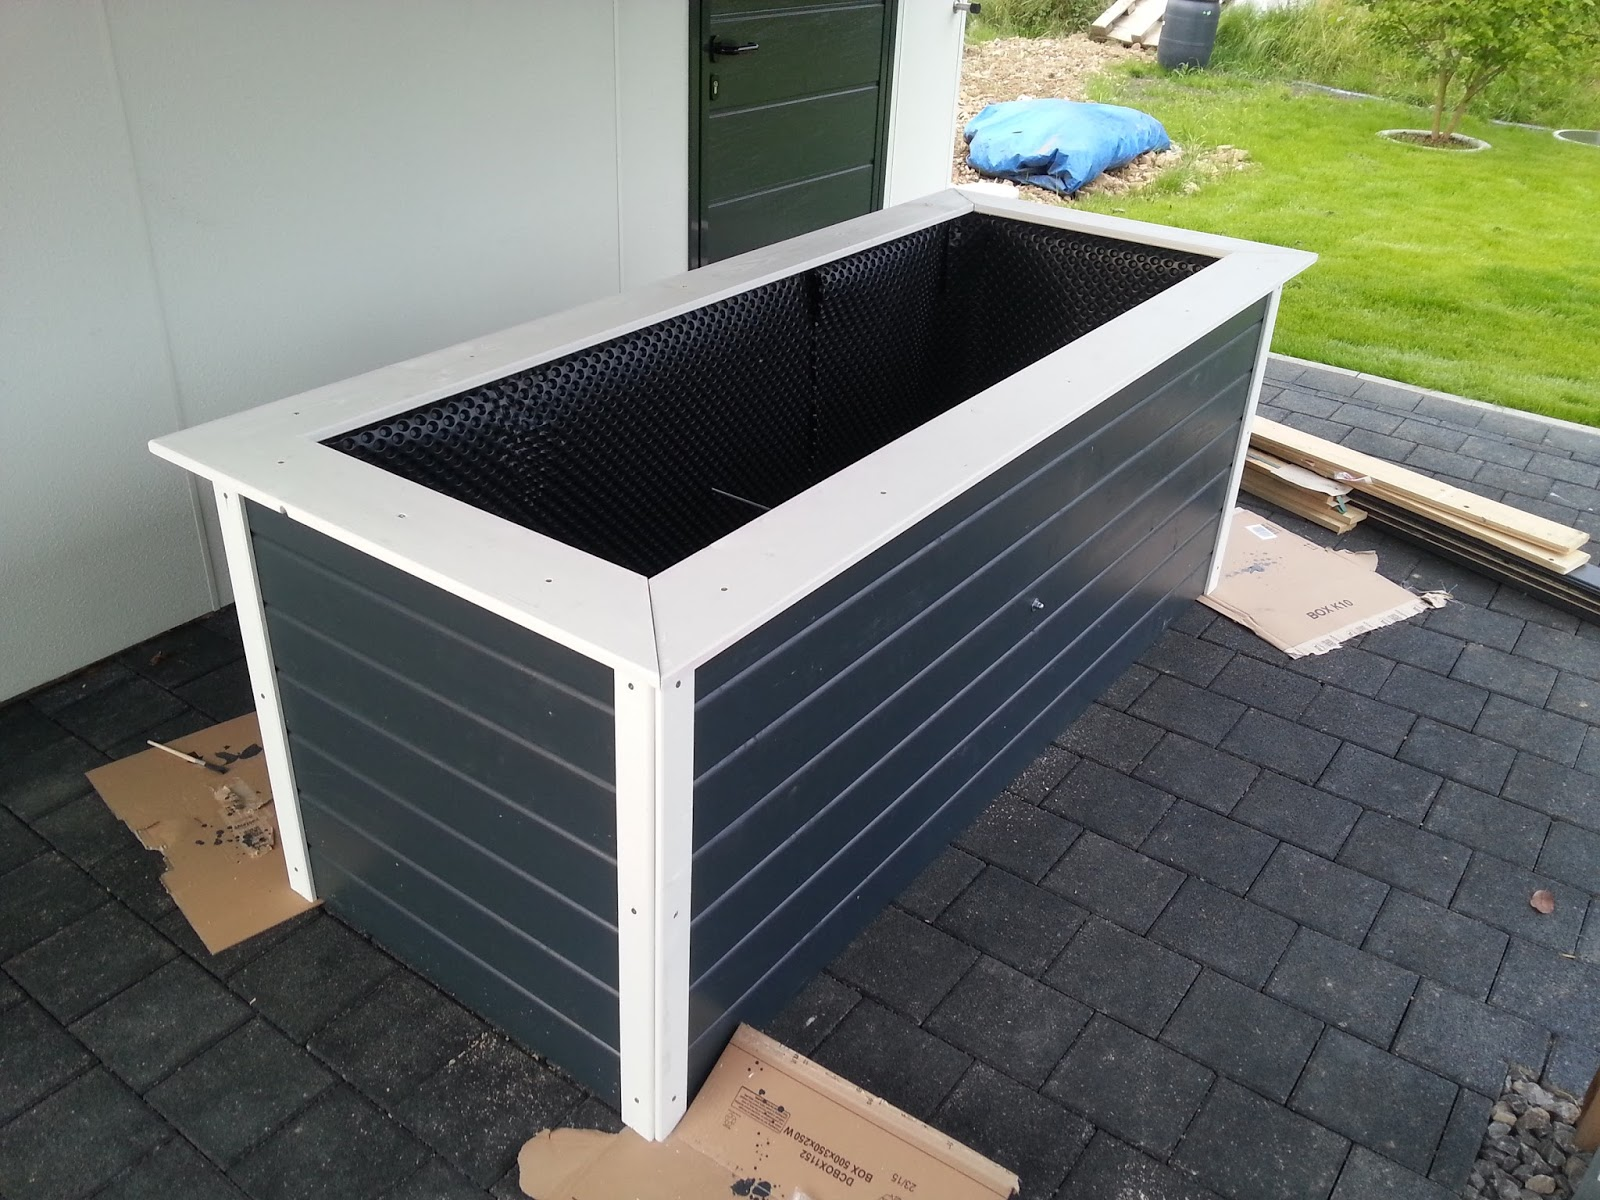 hochbeet bepflanzen fur anfanger interessante ideen f r die gestaltung von. Black Bedroom Furniture Sets. Home Design Ideas